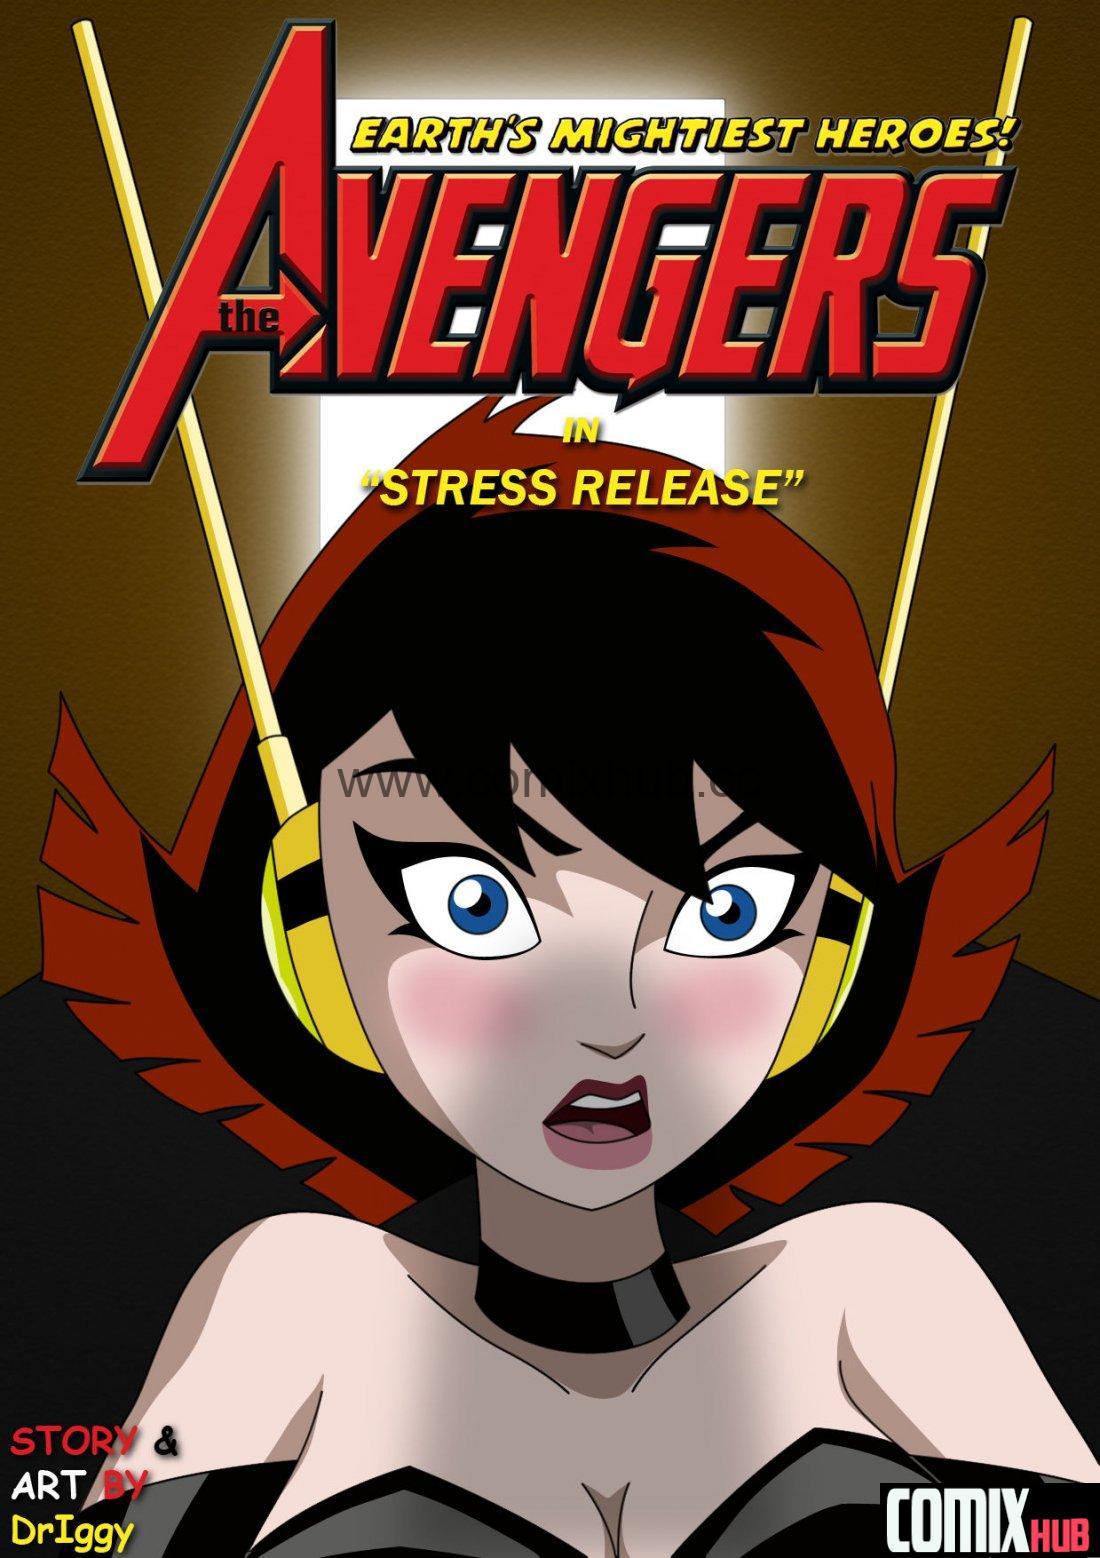 Снятие стресса, супер-герои, порно комикс Порно комиксы, Большие члены, Минет, Монстры, Супер-герои